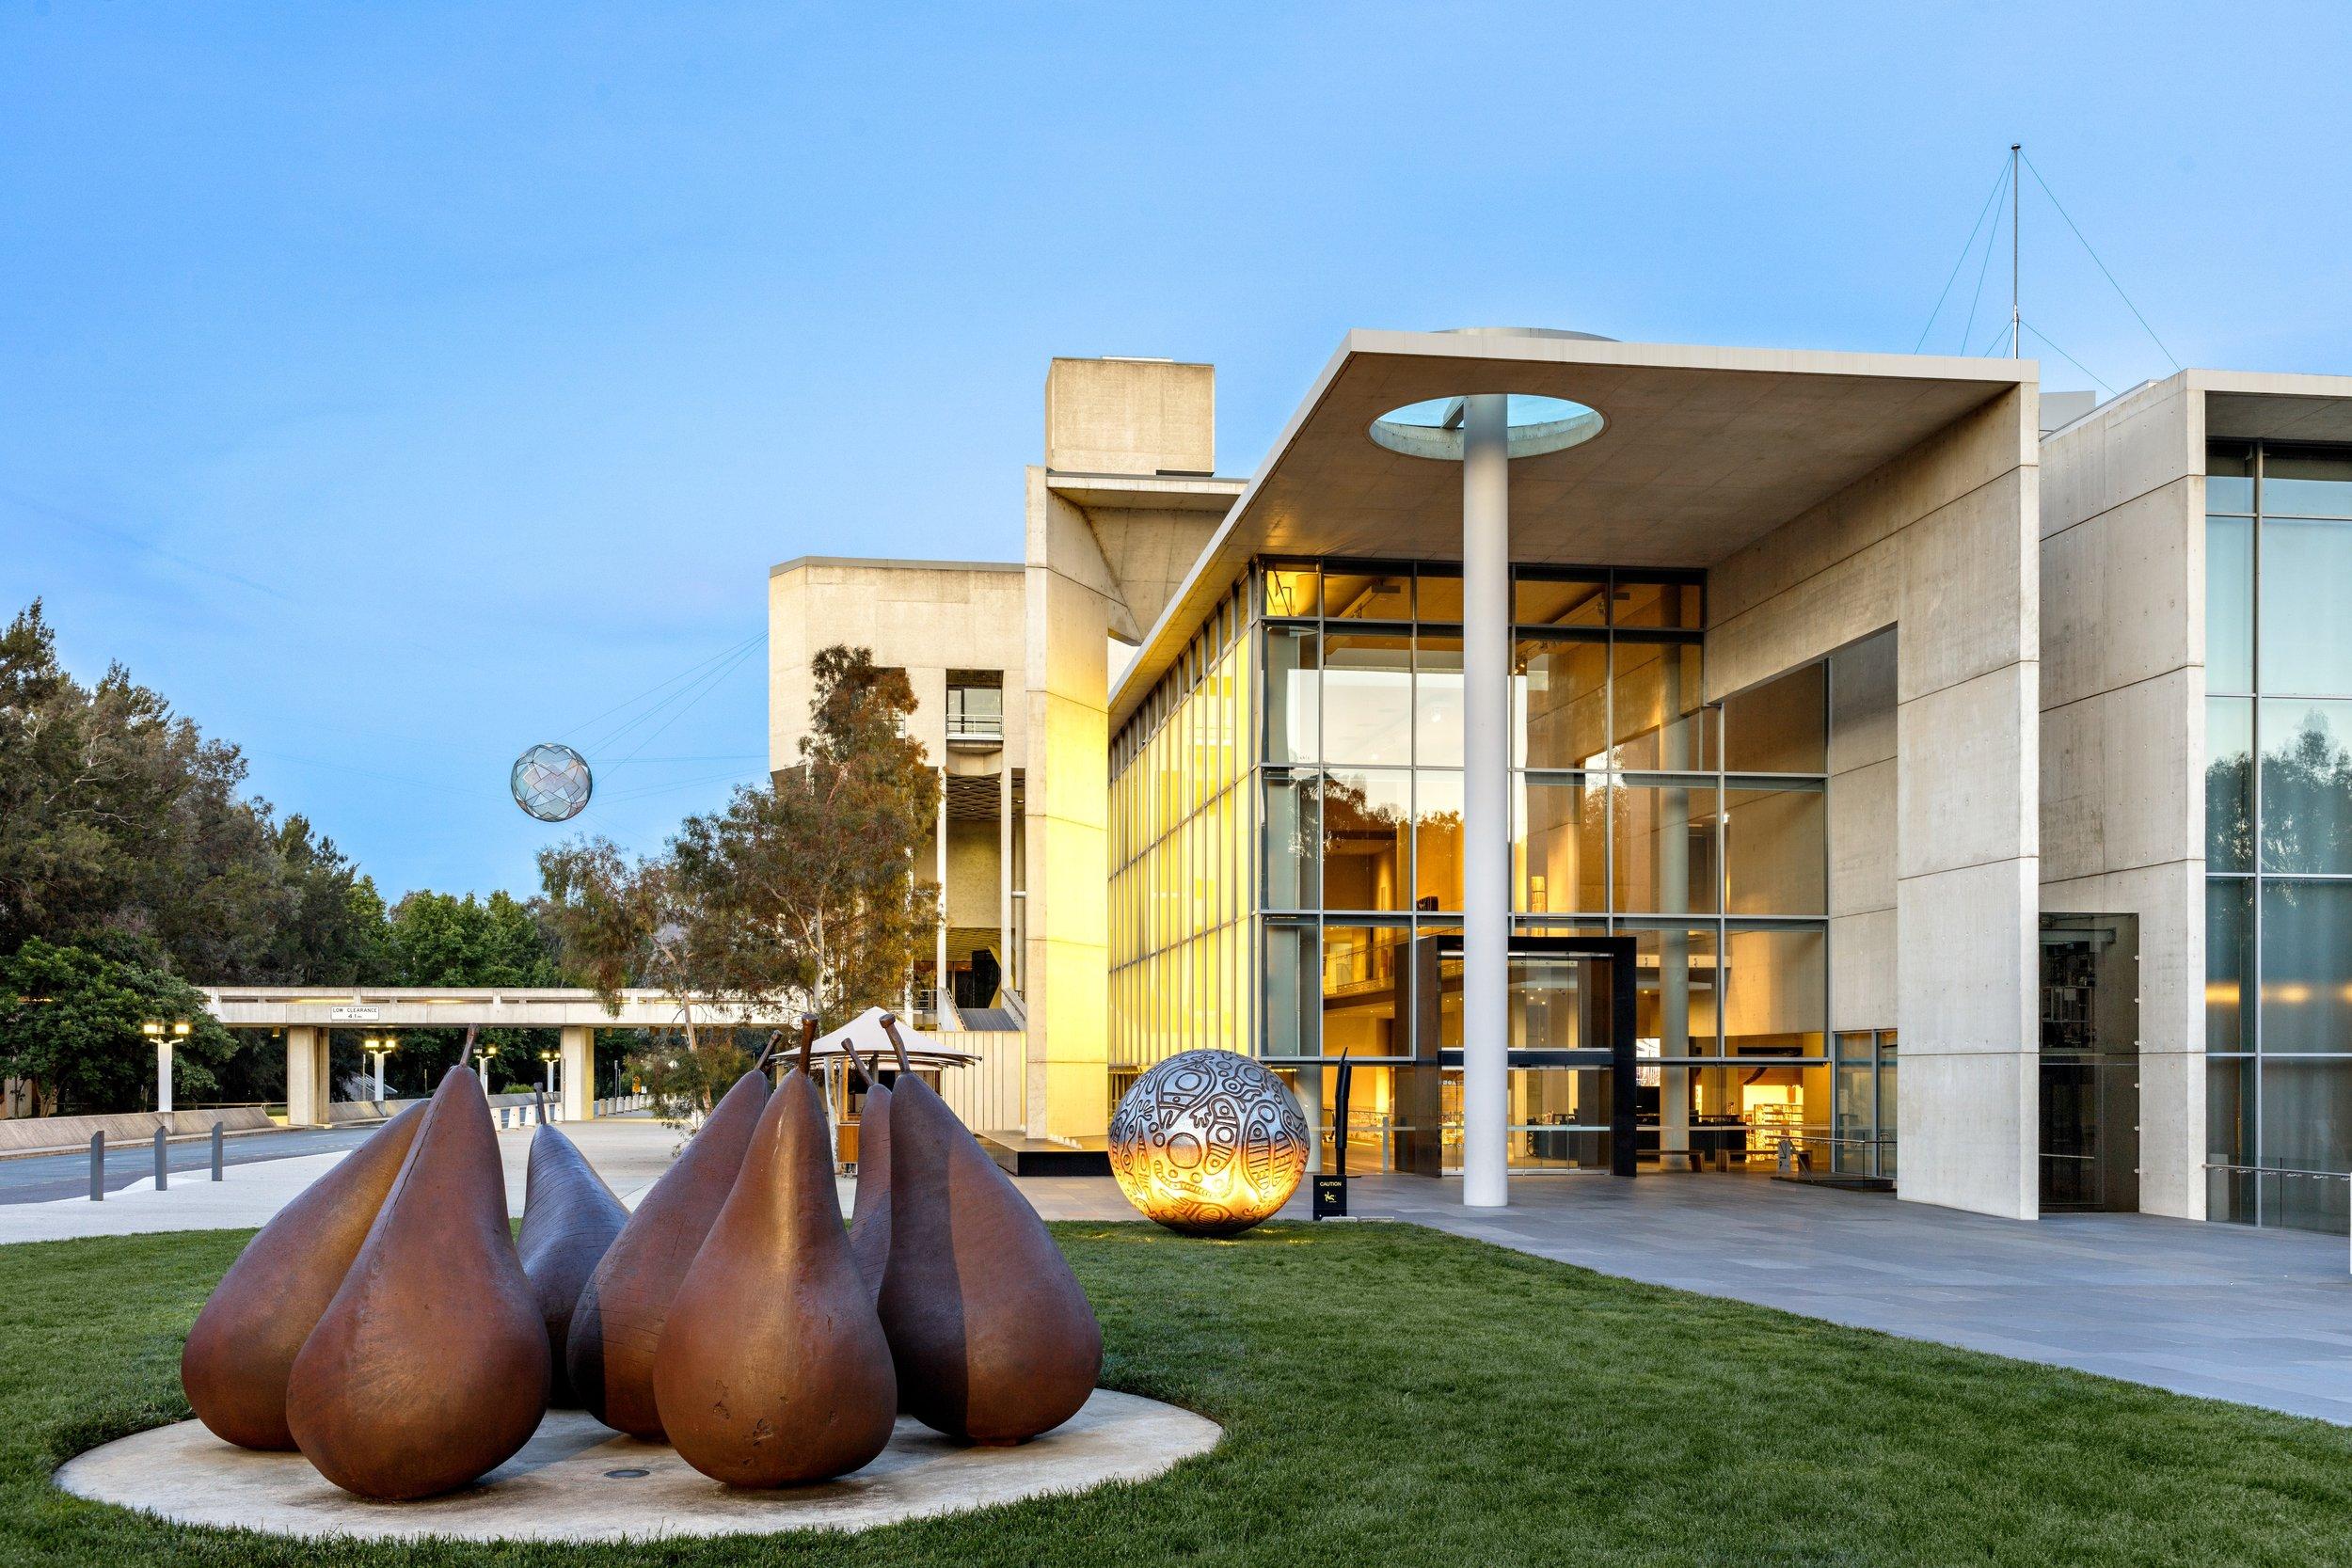 National Gallery of Australia Canberra Art of the Ancestors Steven G. Alpert